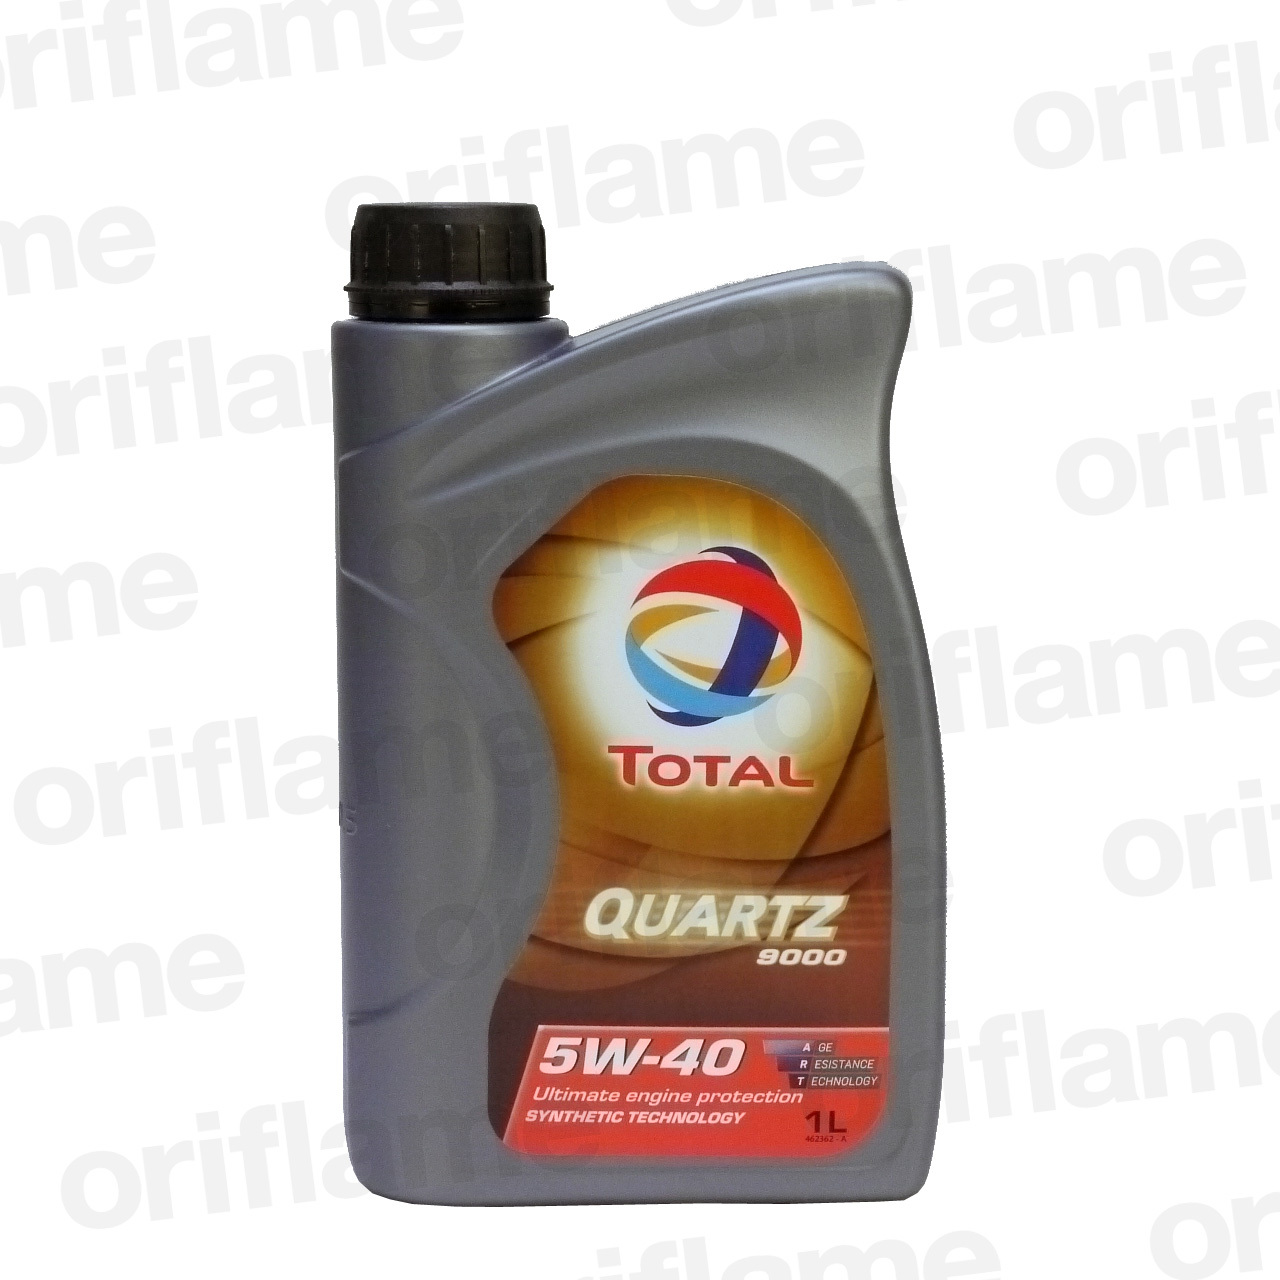 トタル・クォーツ9000 5W-40 エンジンオイル 1L